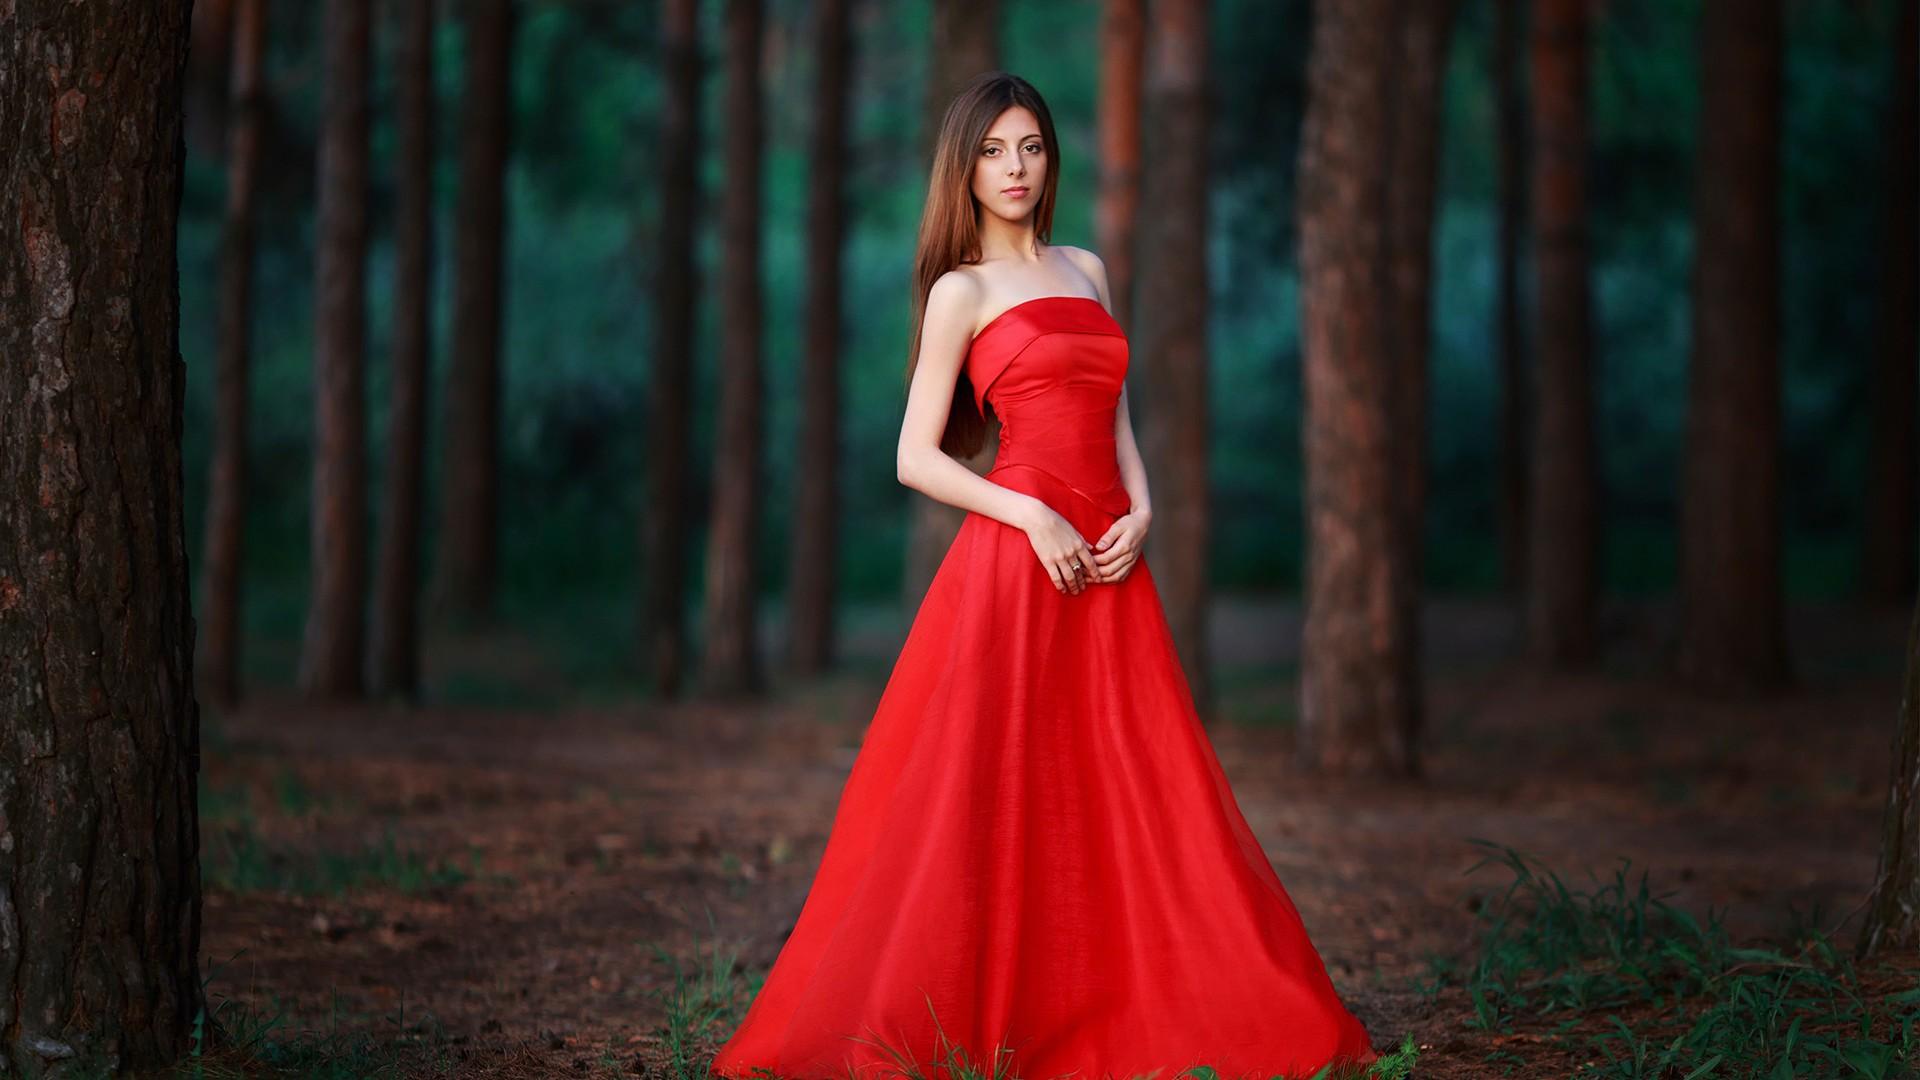 foto-zhenshini-v-krasnom-plate